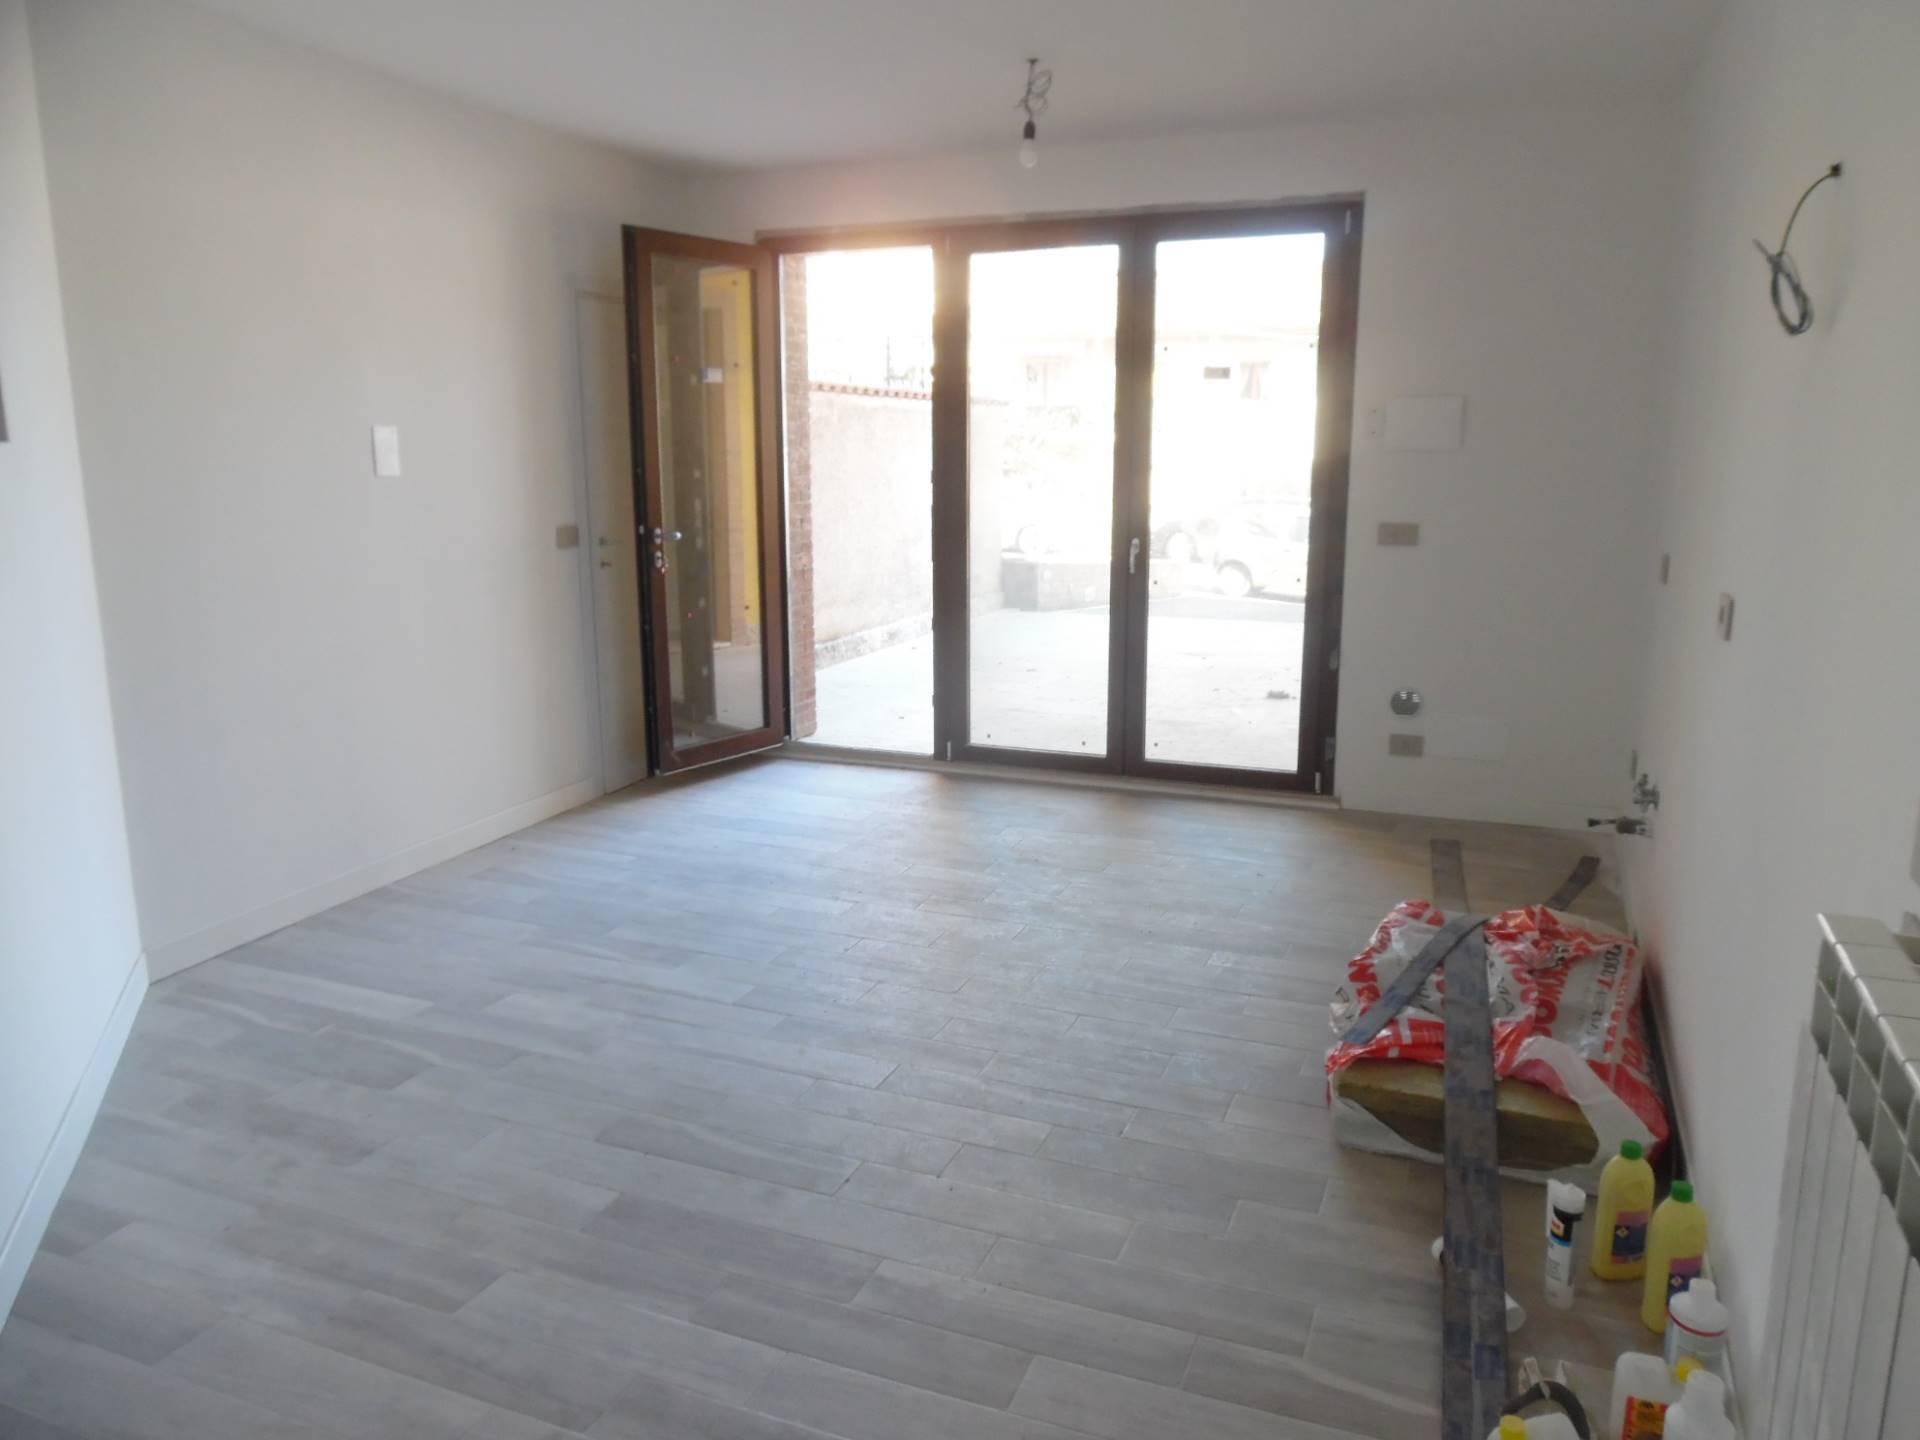 Appartamento in vendita a Monsampolo del Tronto, 3 locali, zona Località: StelladiMonsampolo, prezzo € 83.000   PortaleAgenzieImmobiliari.it